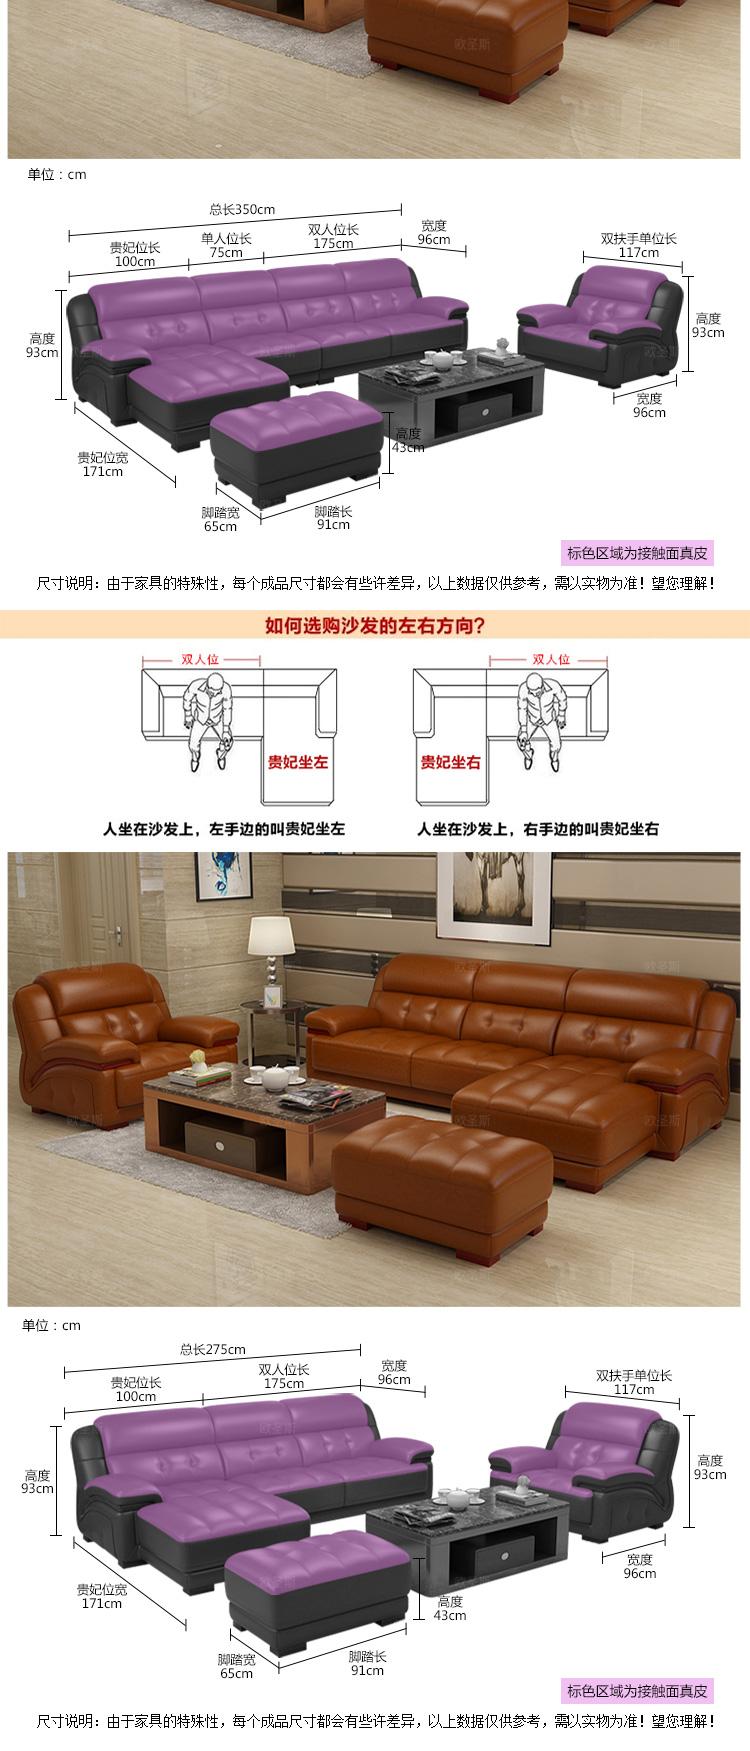 orange leather sectional sofa sofa chair leather sofa set dubai